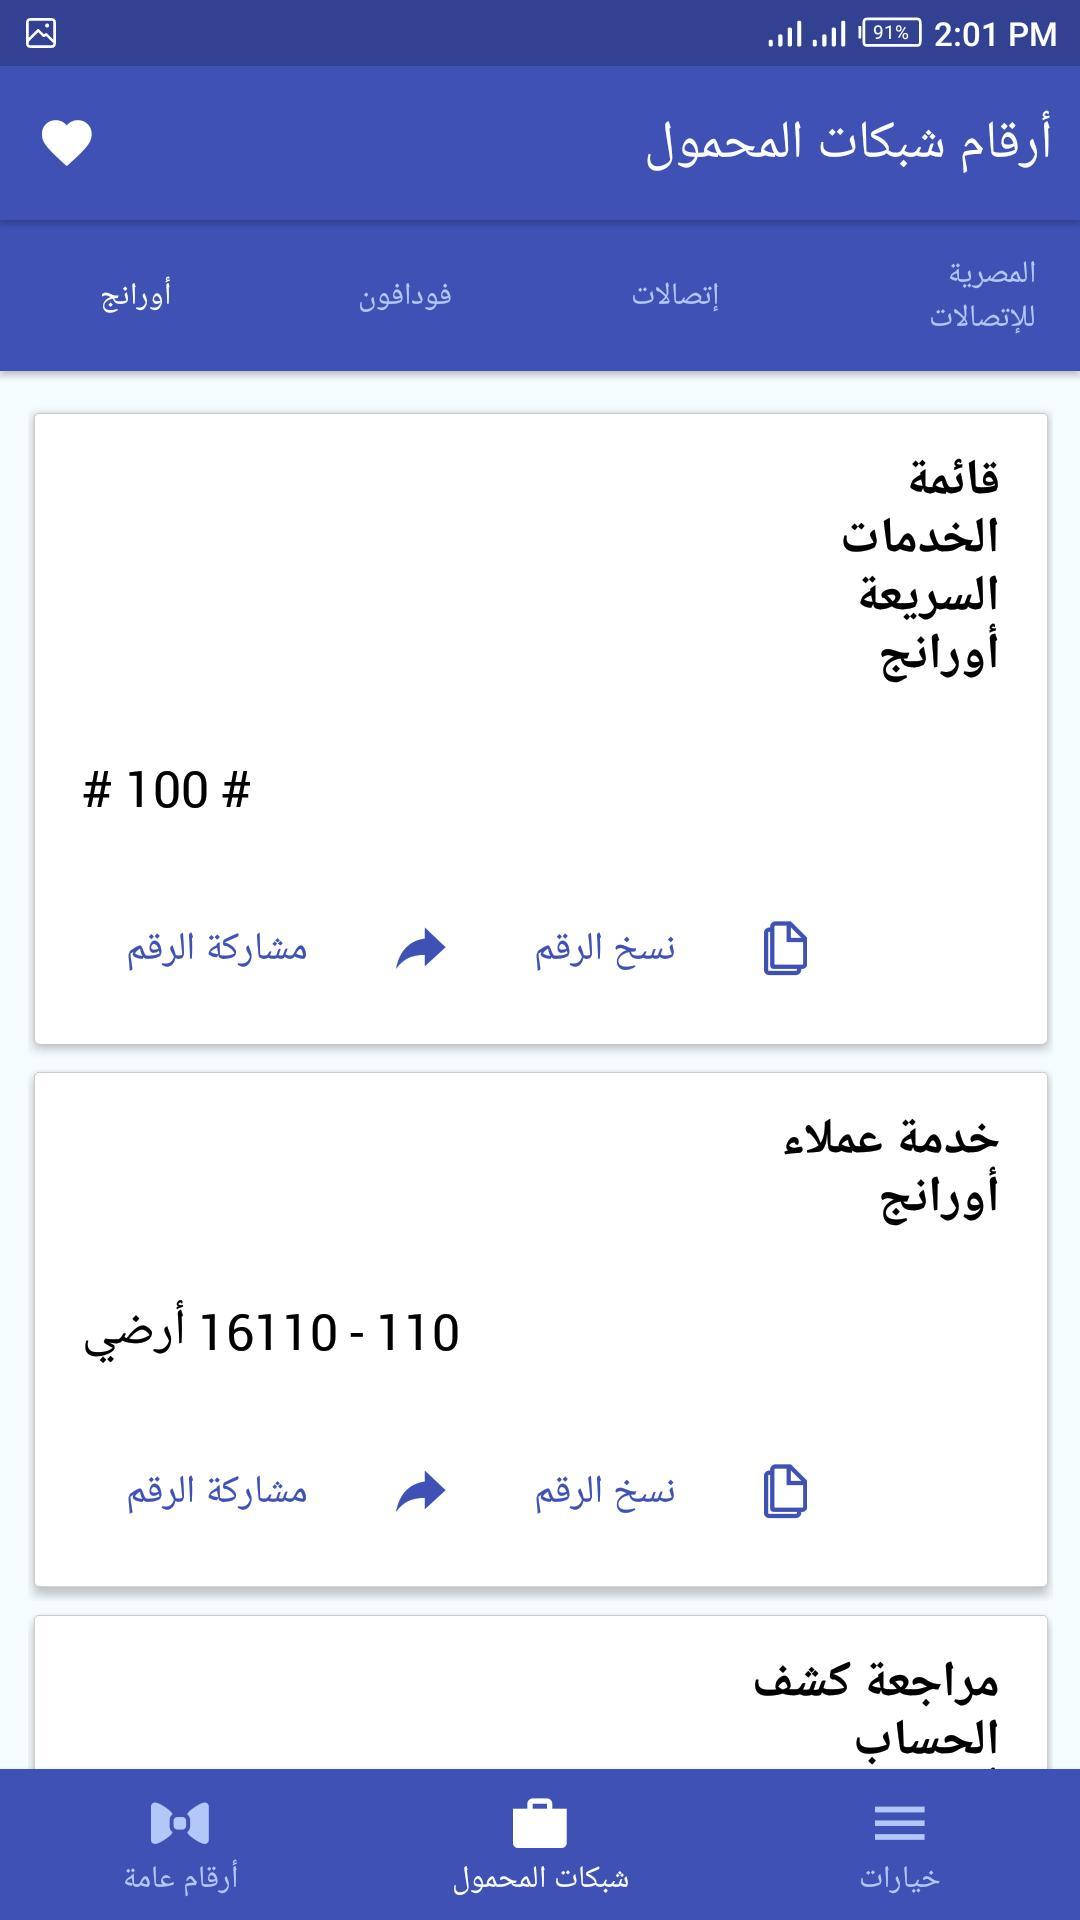 دليل أرقام الشبكات والخدمات في مصر For Android Apk Download